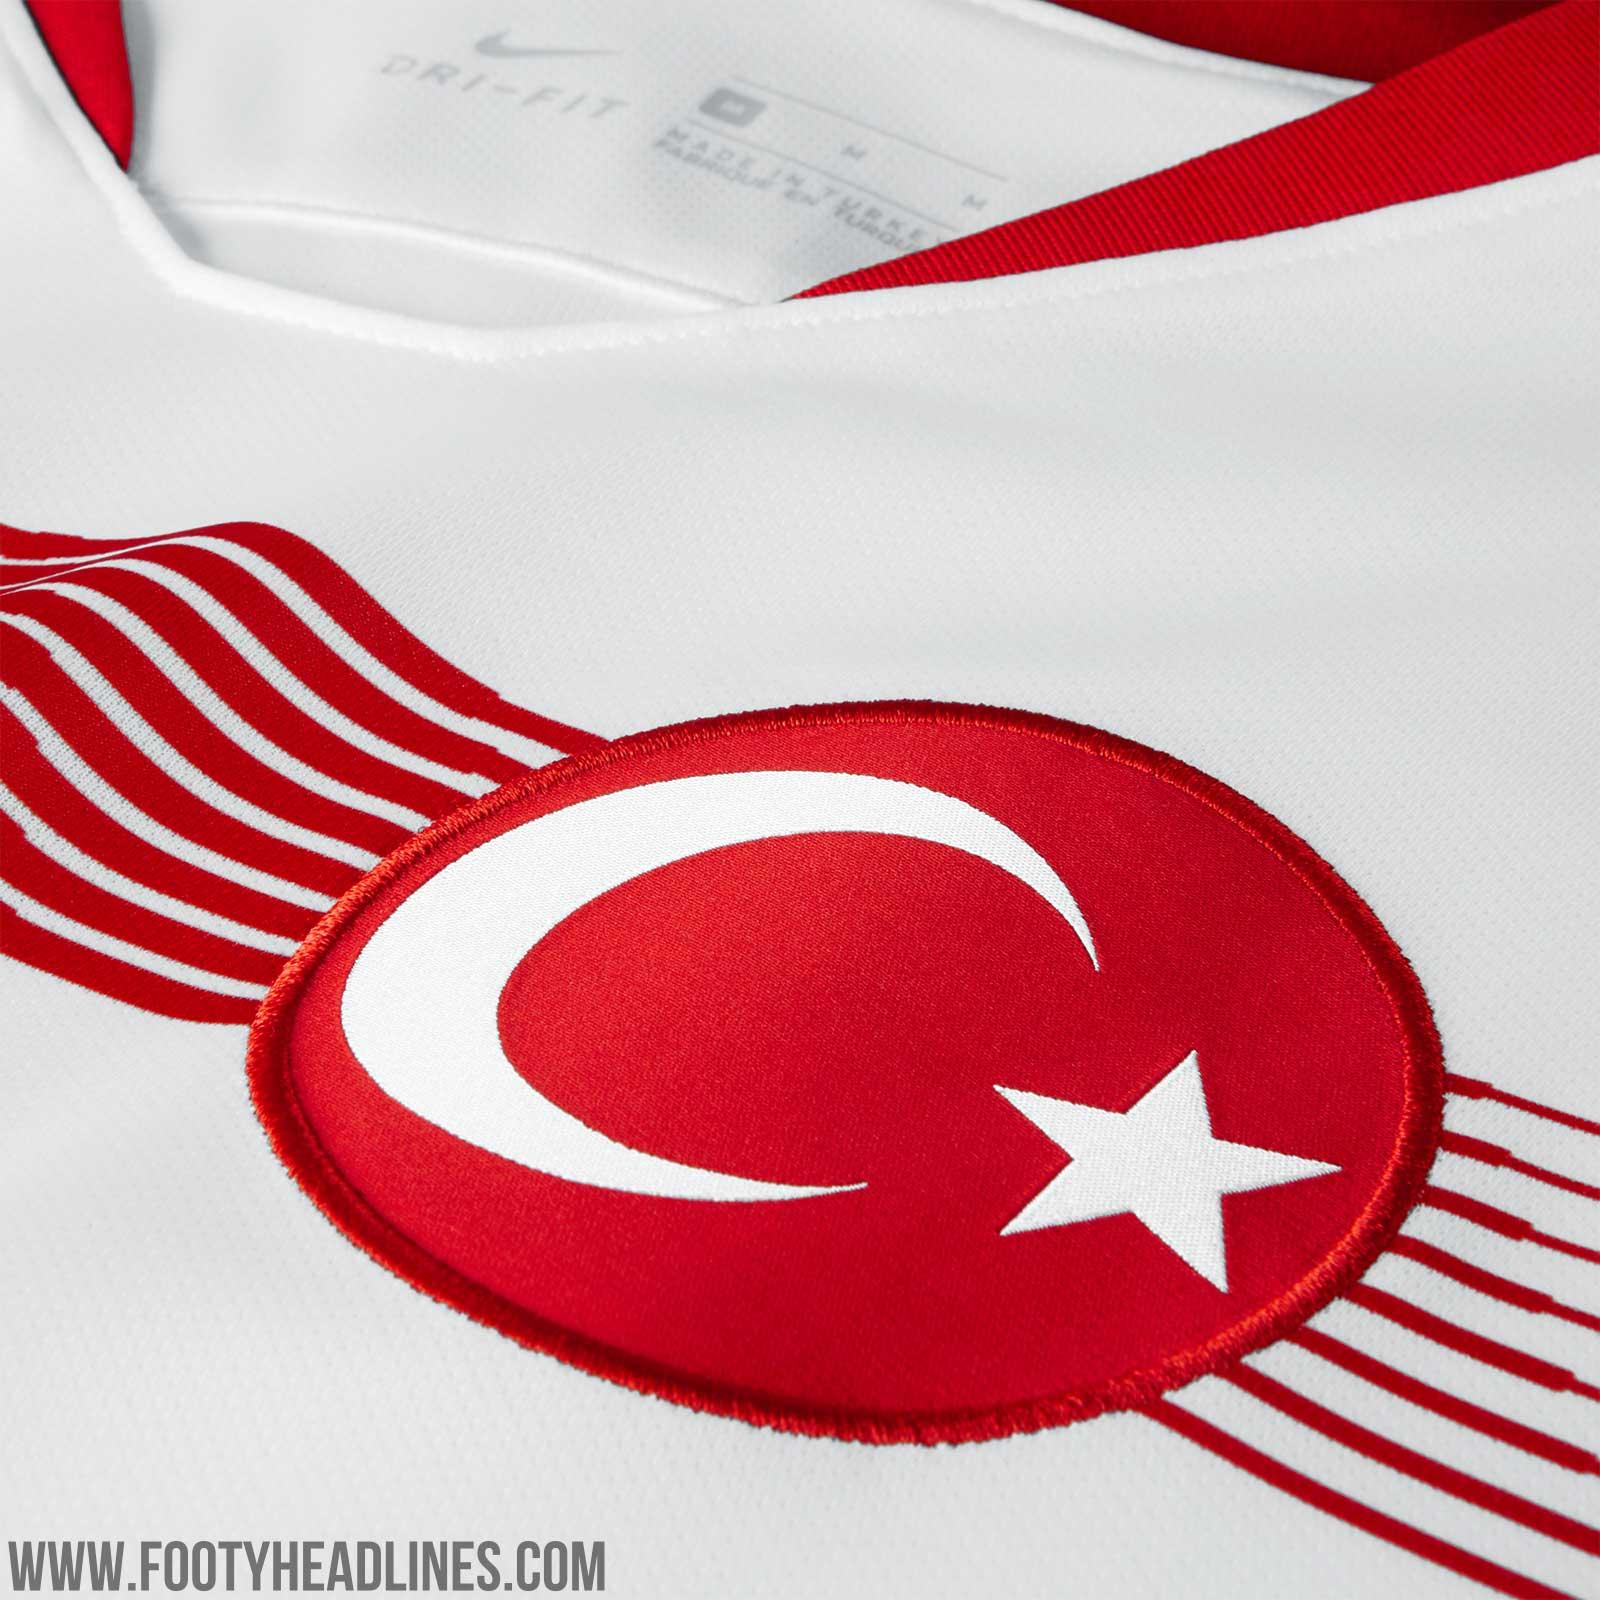 https://3.bp.blogspot.com/-0YFKe7CLq1s/WrAMKMn5MtI/AAAAAAABd8E/7uN2nKOlsHo5qVoh-KE_Ulskt_TiH55hACLcBGAs/s1600/turkey-2018-home-away-kits-8.jpg